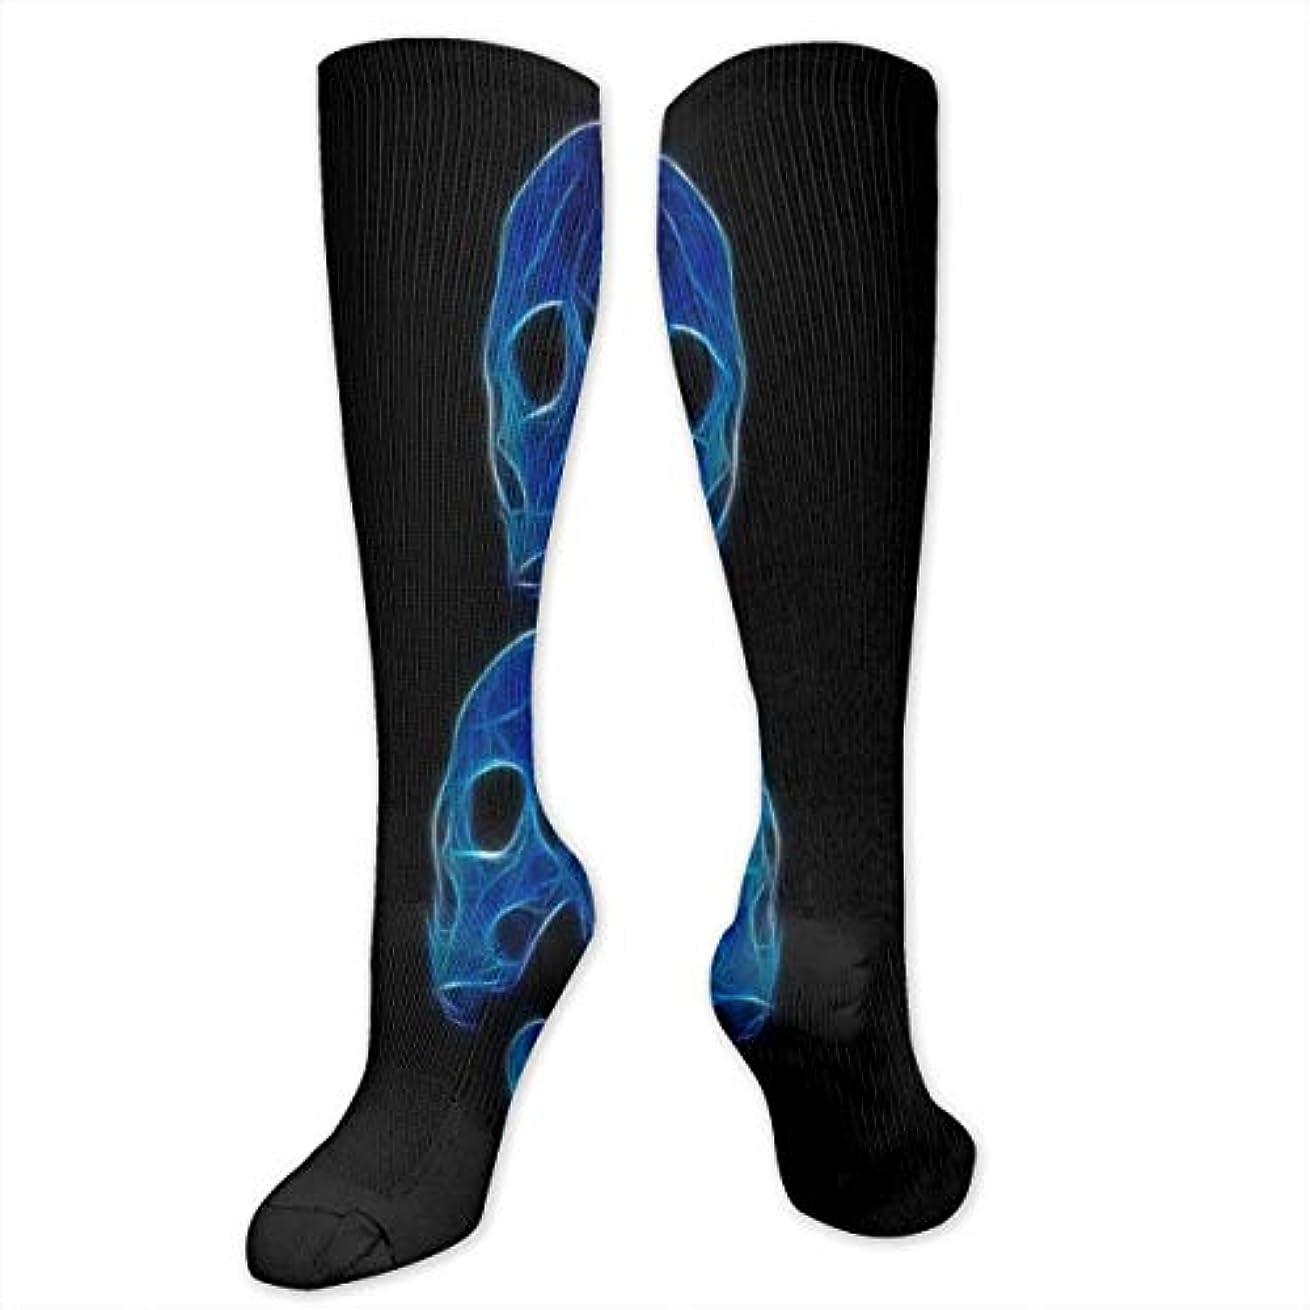 足枷商標標高スポーツのための女性の青い頭蓋骨低合金カラフルな柄のドレスソックスクルーソックス